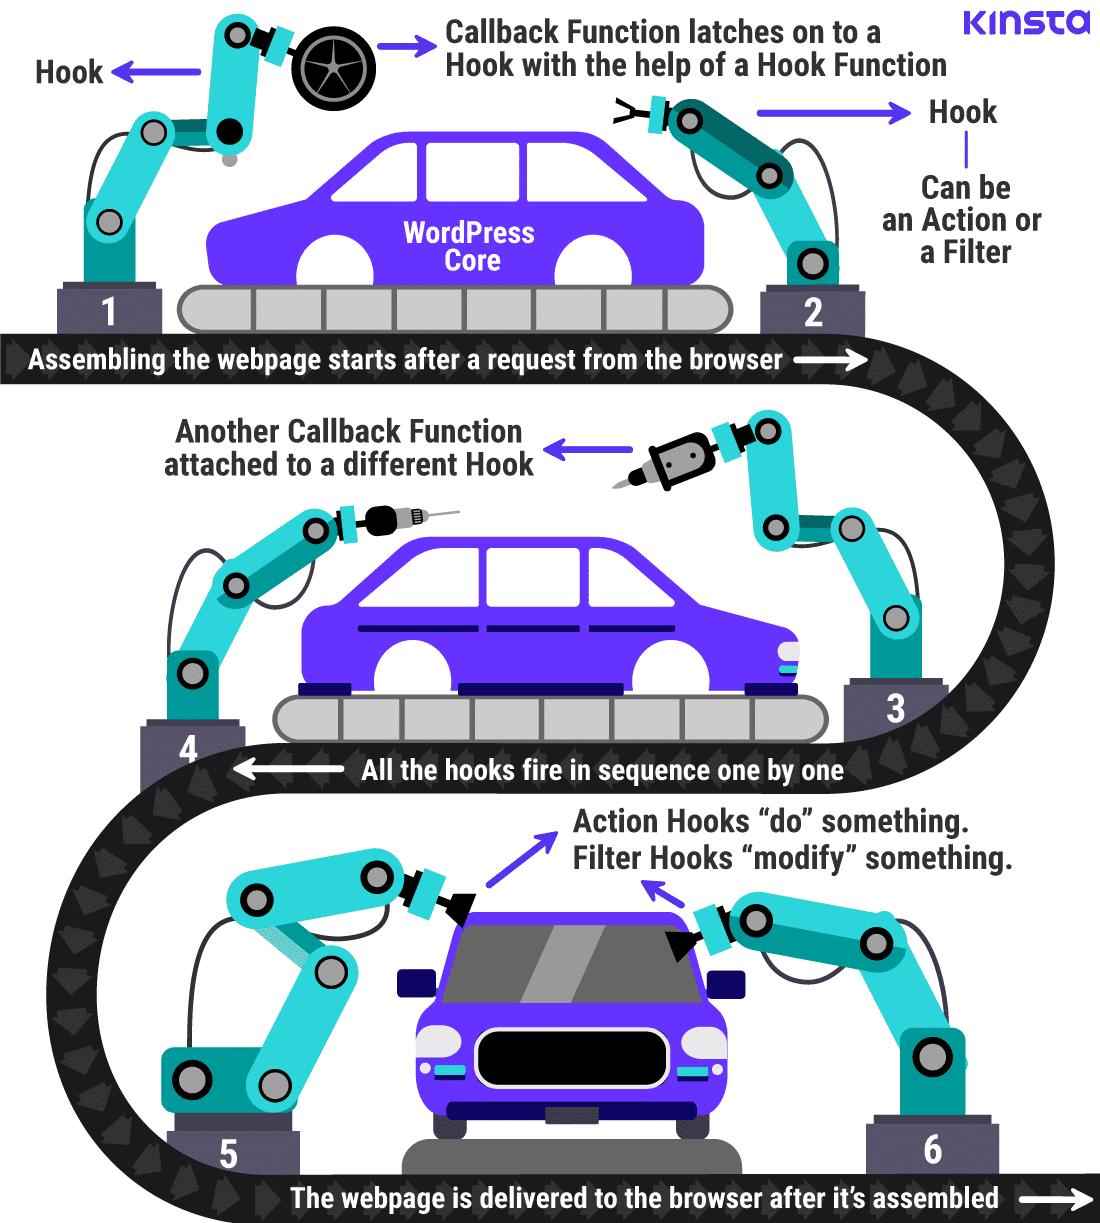 Das Zusammensetzen einer Webseite ist wie das Zusammenbauen eines Autos